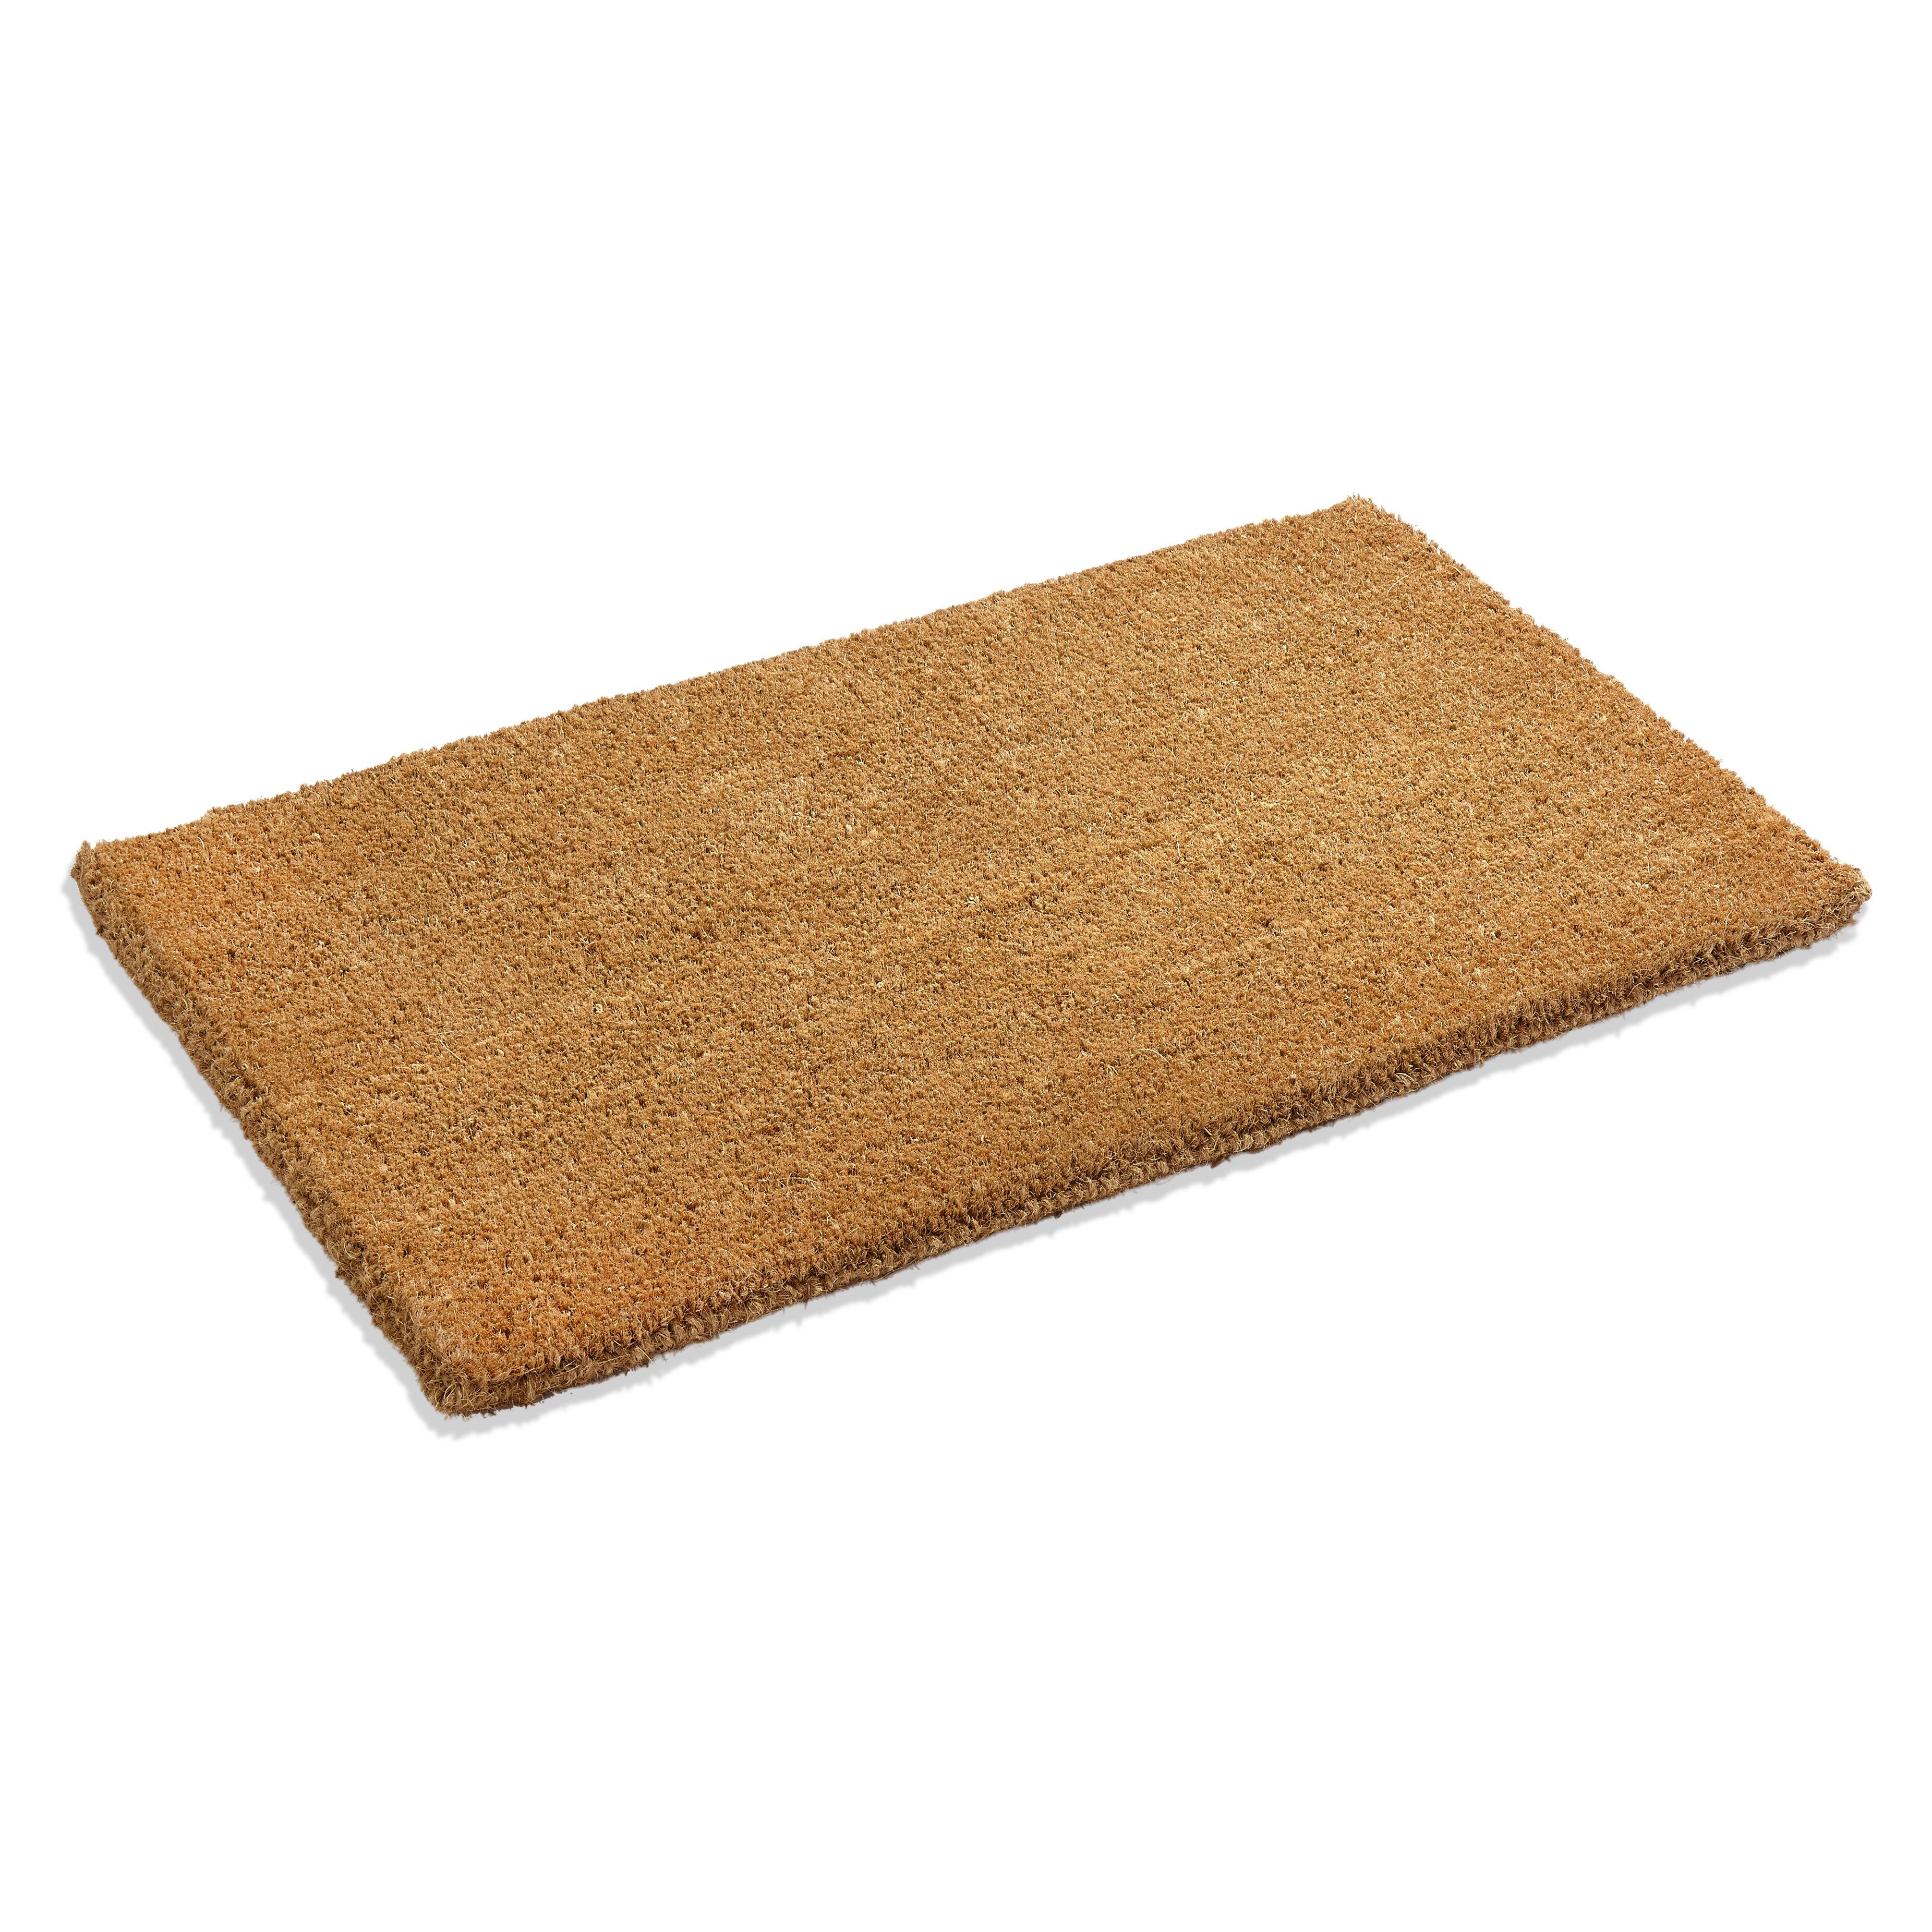 Grass Rug Ikea Kempf Plain Doormat Amp Reviews Wayfair